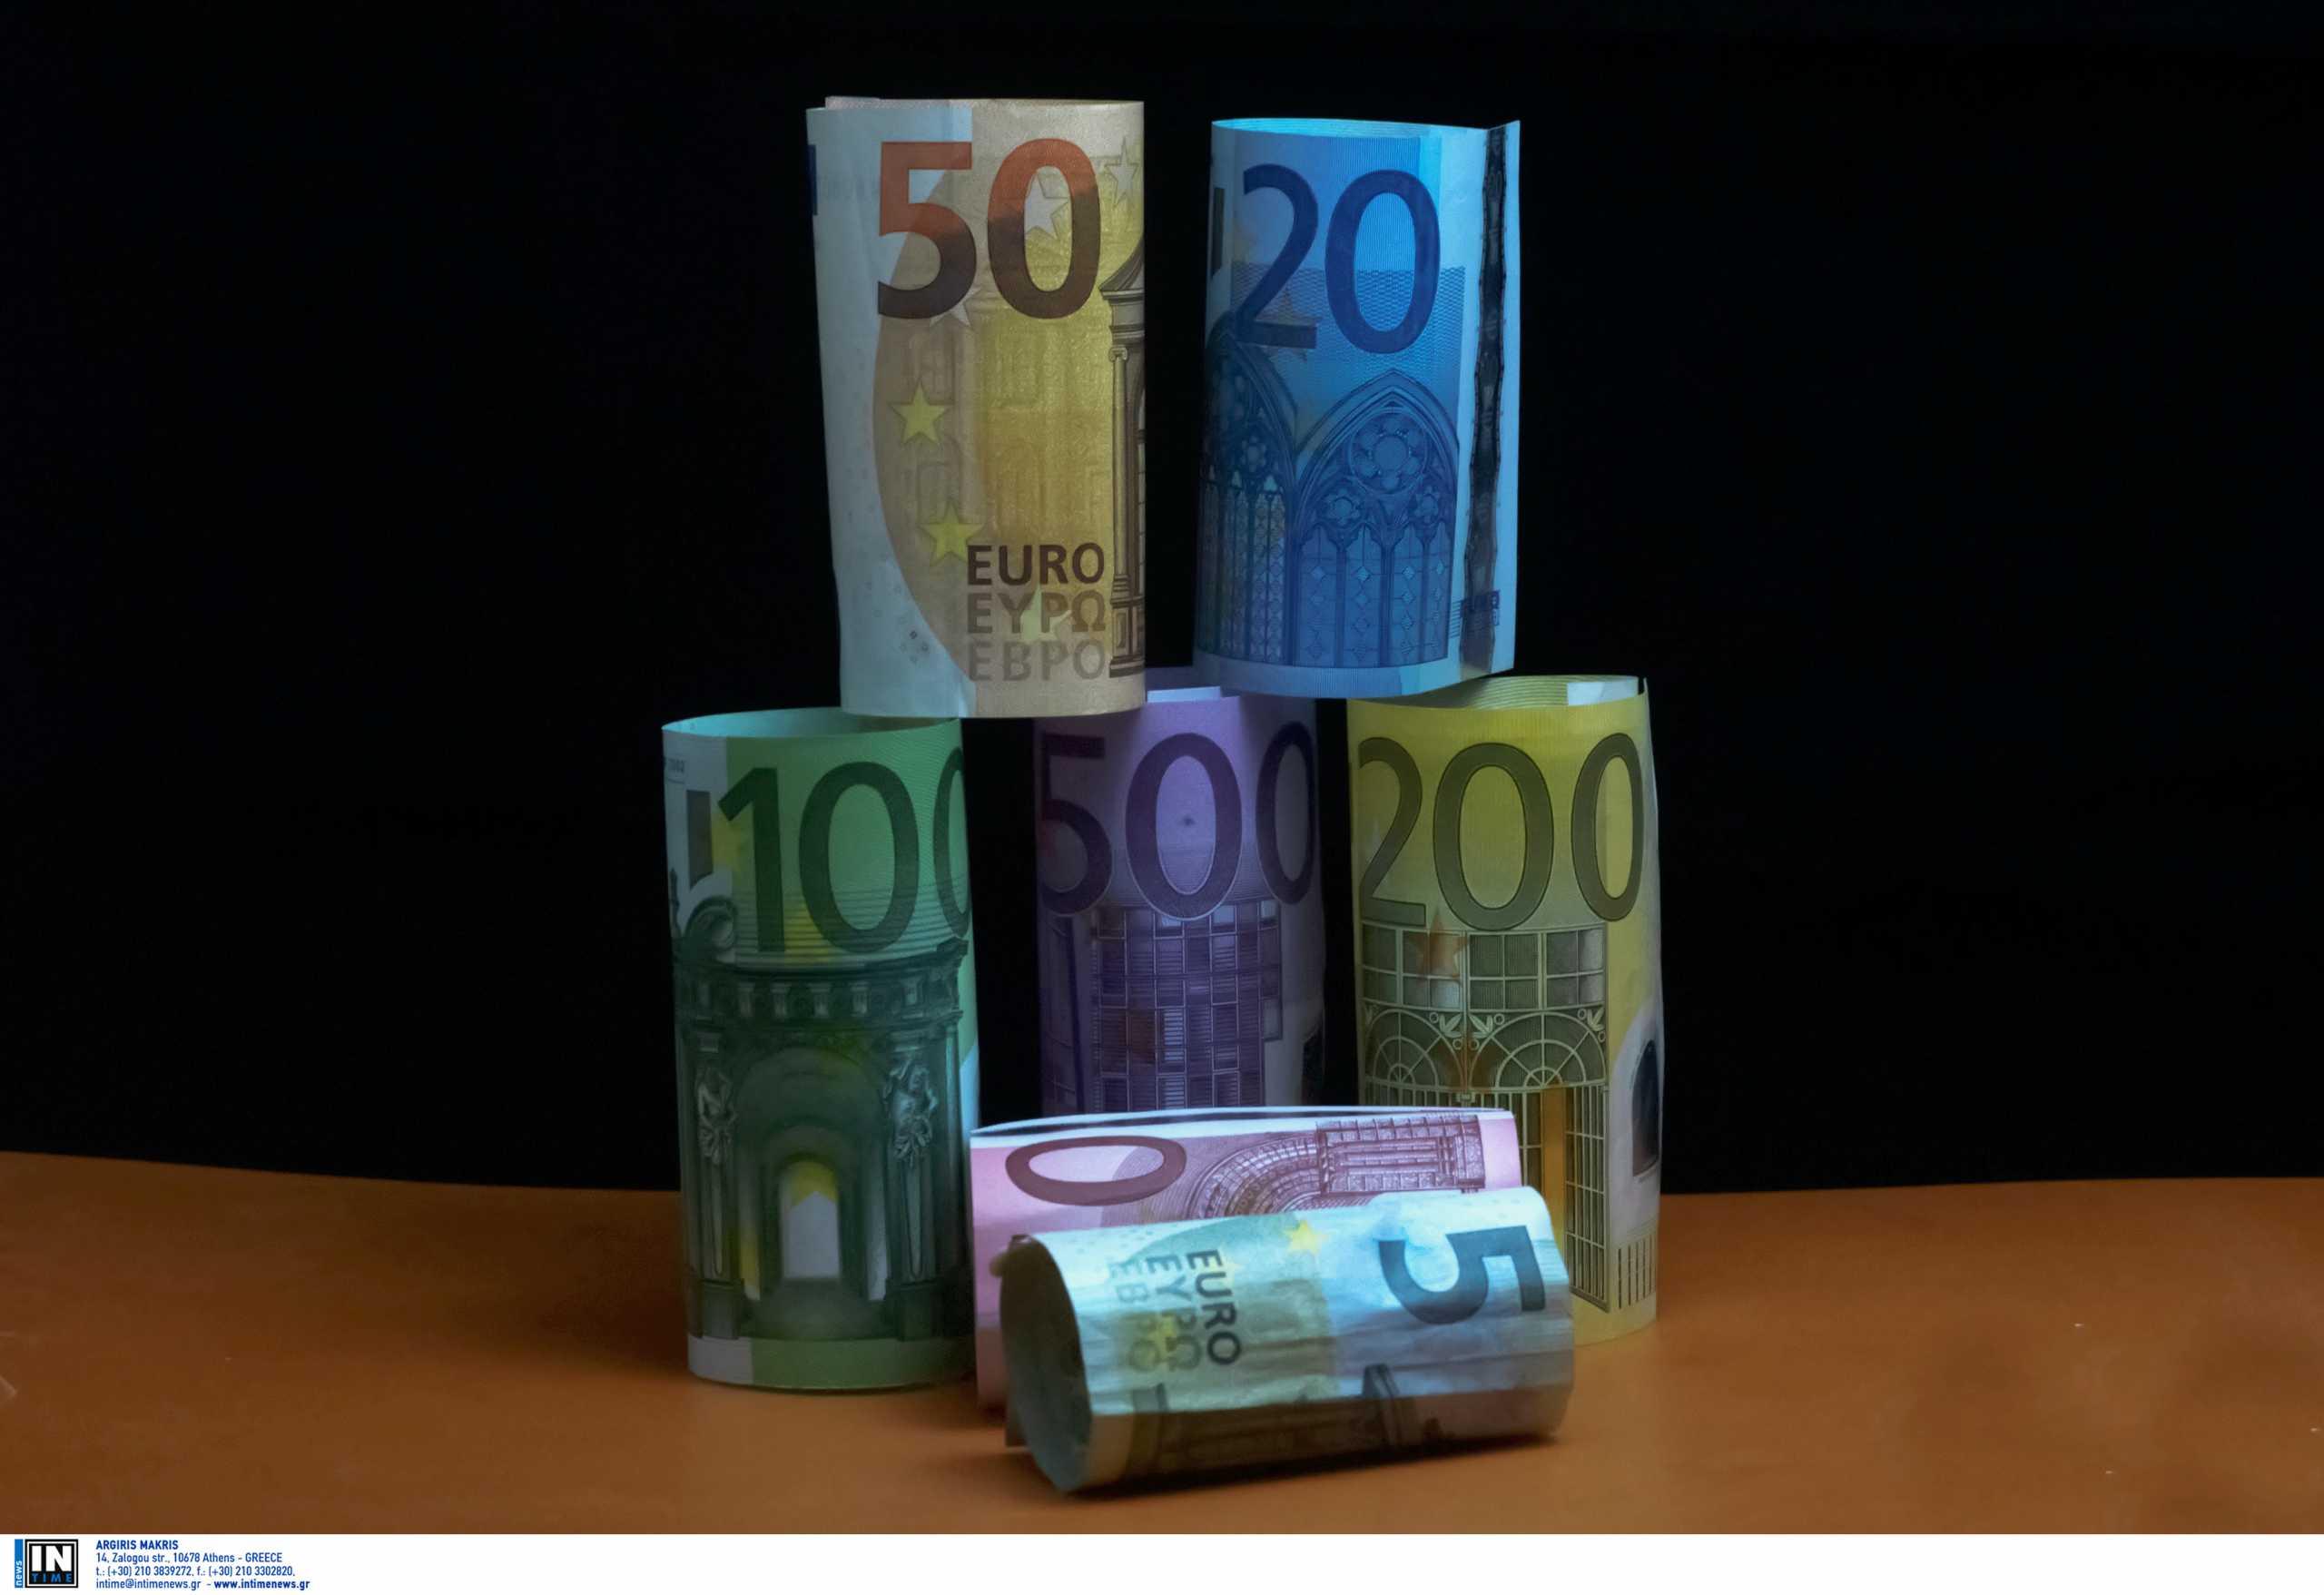 Καταθέσεις από Ελβετία, Μάλτα κι άλλες ευρωπαϊκές χώρες «επιστρέφουν» στις ελληνικές τράπεζες